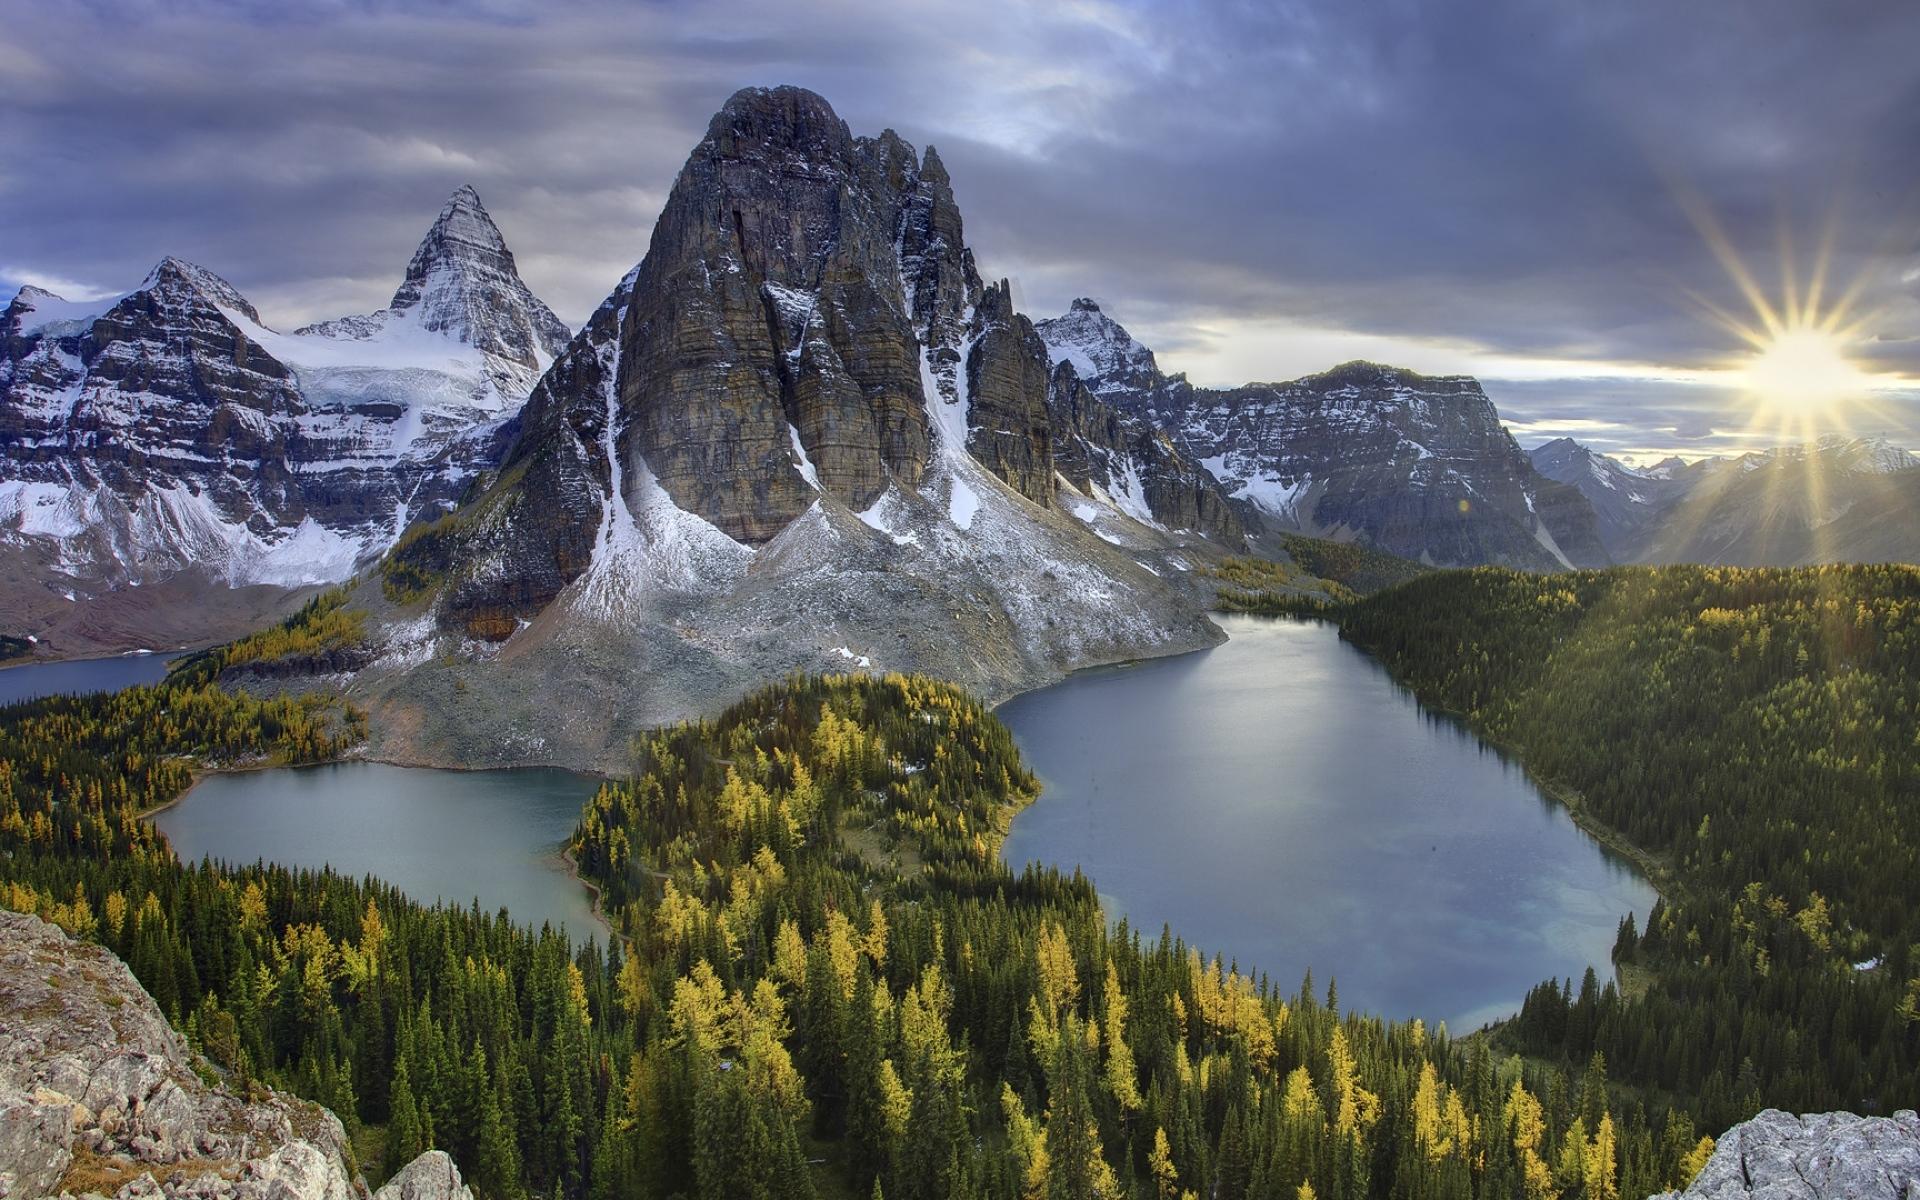 Картинки Горы, озера, солнце, закат, пейзаж, рельеф фото и обои на рабочий стол